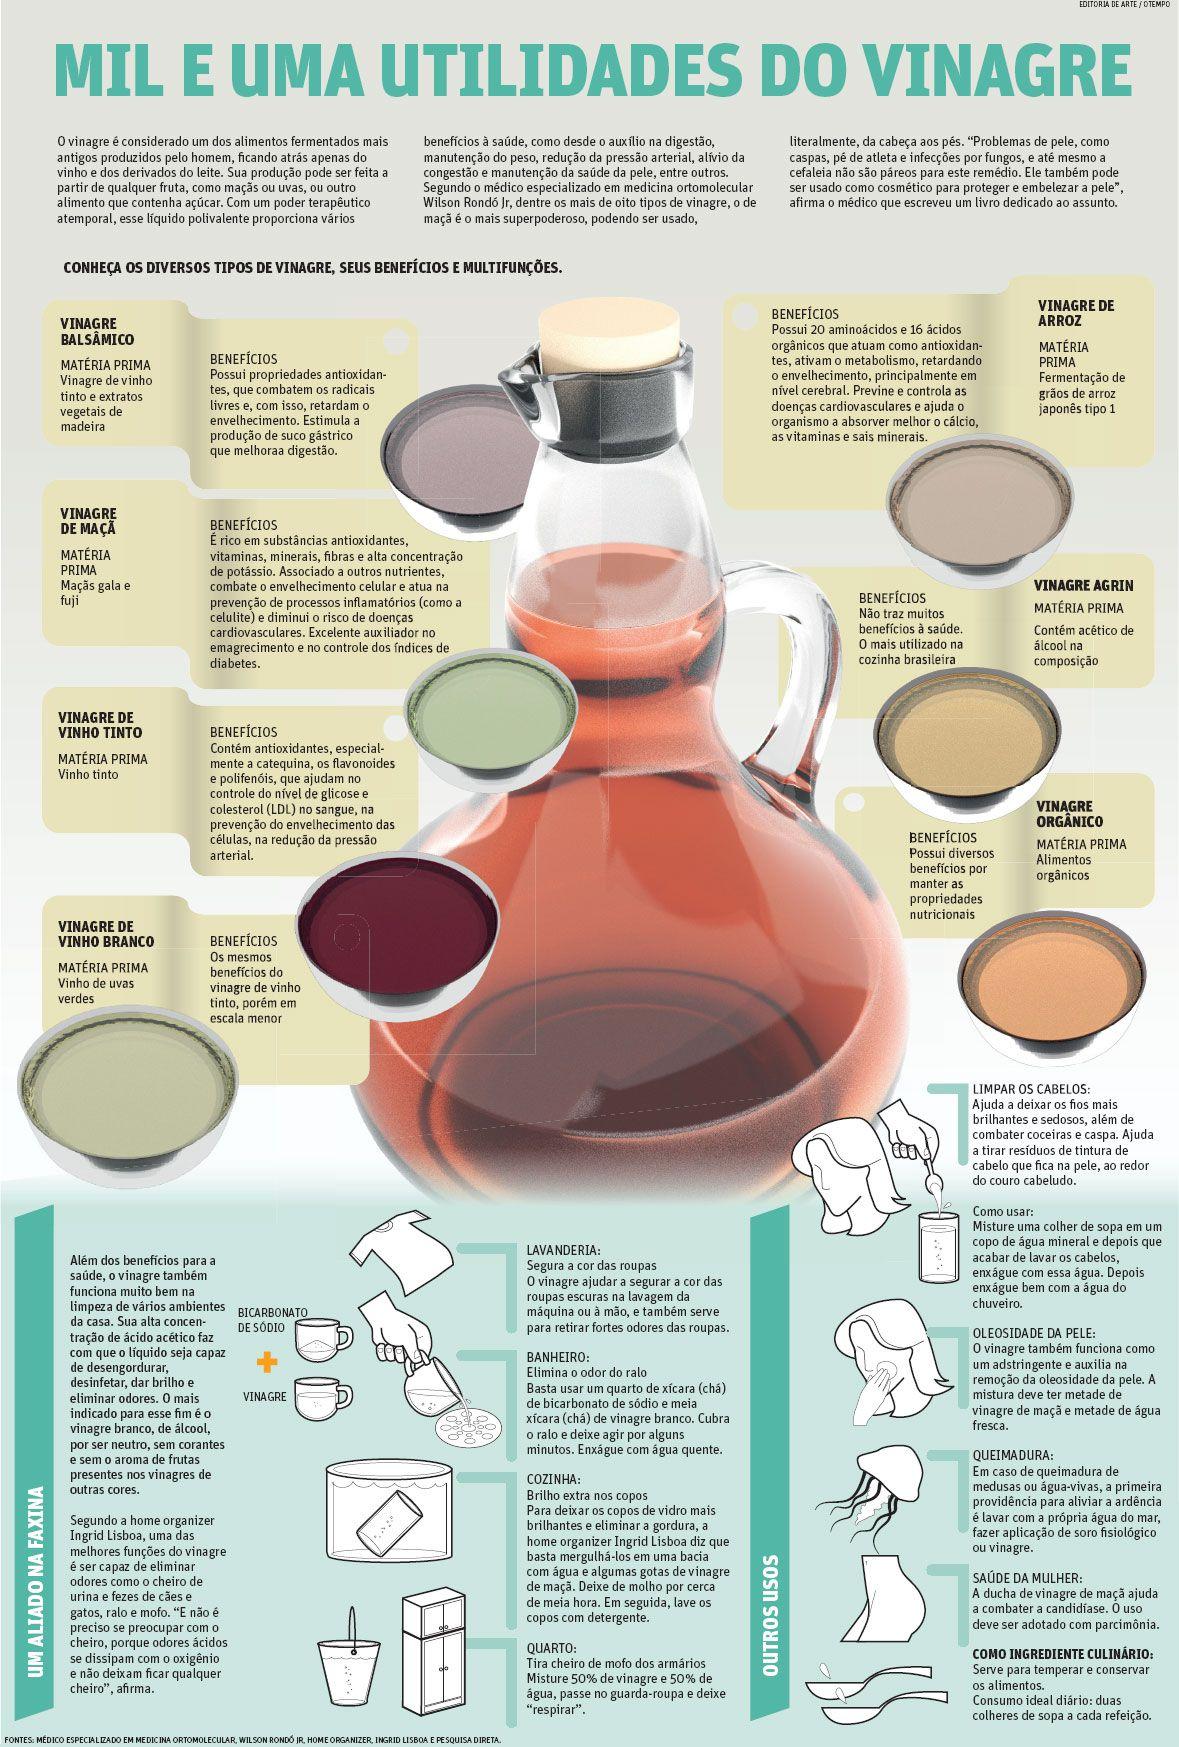 Mil e uma utilidades do vinagre | JORNAL O TEMPO